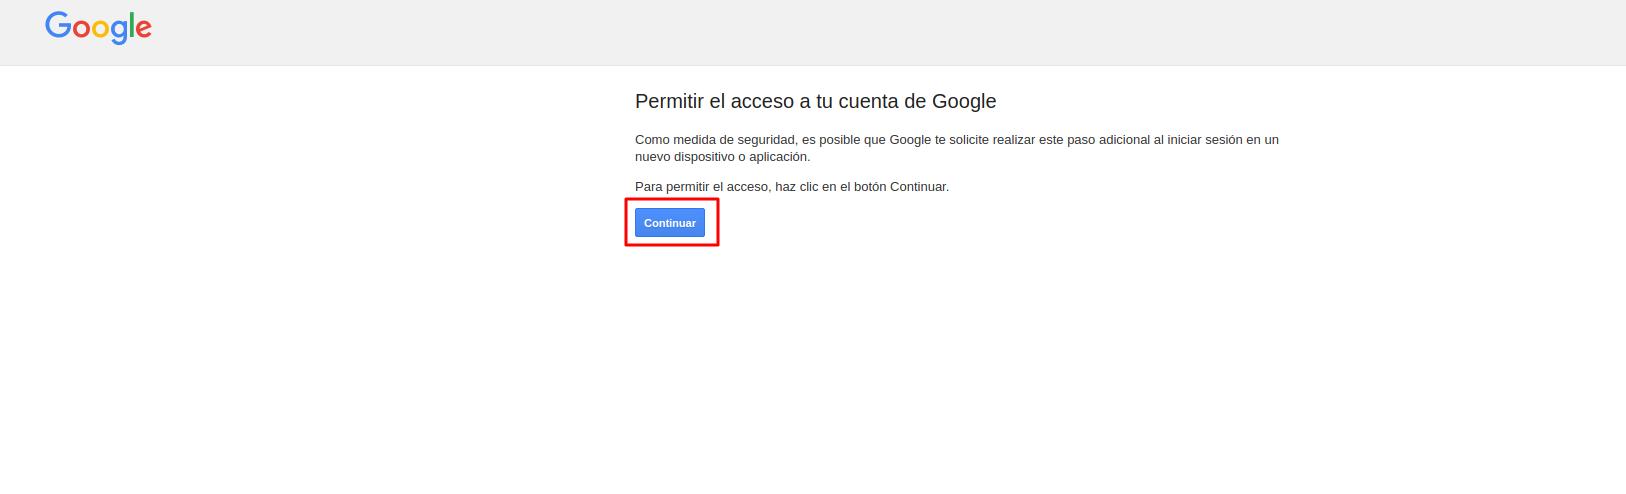 Permitir el acceso a la cuenta de Google